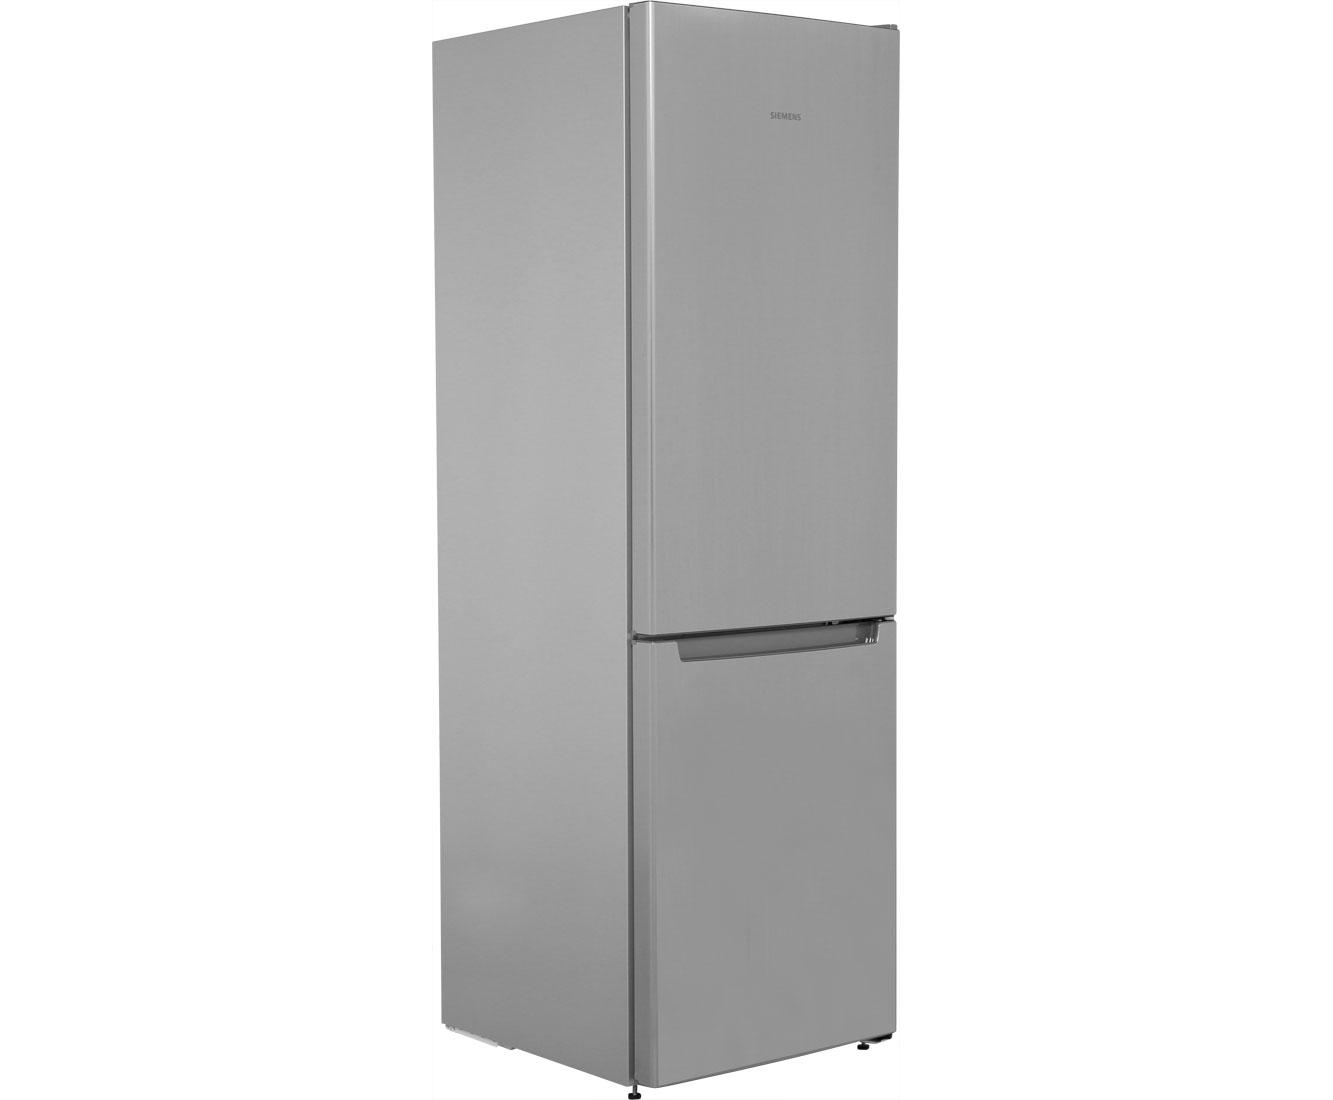 Siemens Kühlschrank Groß : Siemens gefrier kühlschrank preisvergleich u2022 die besten angebote